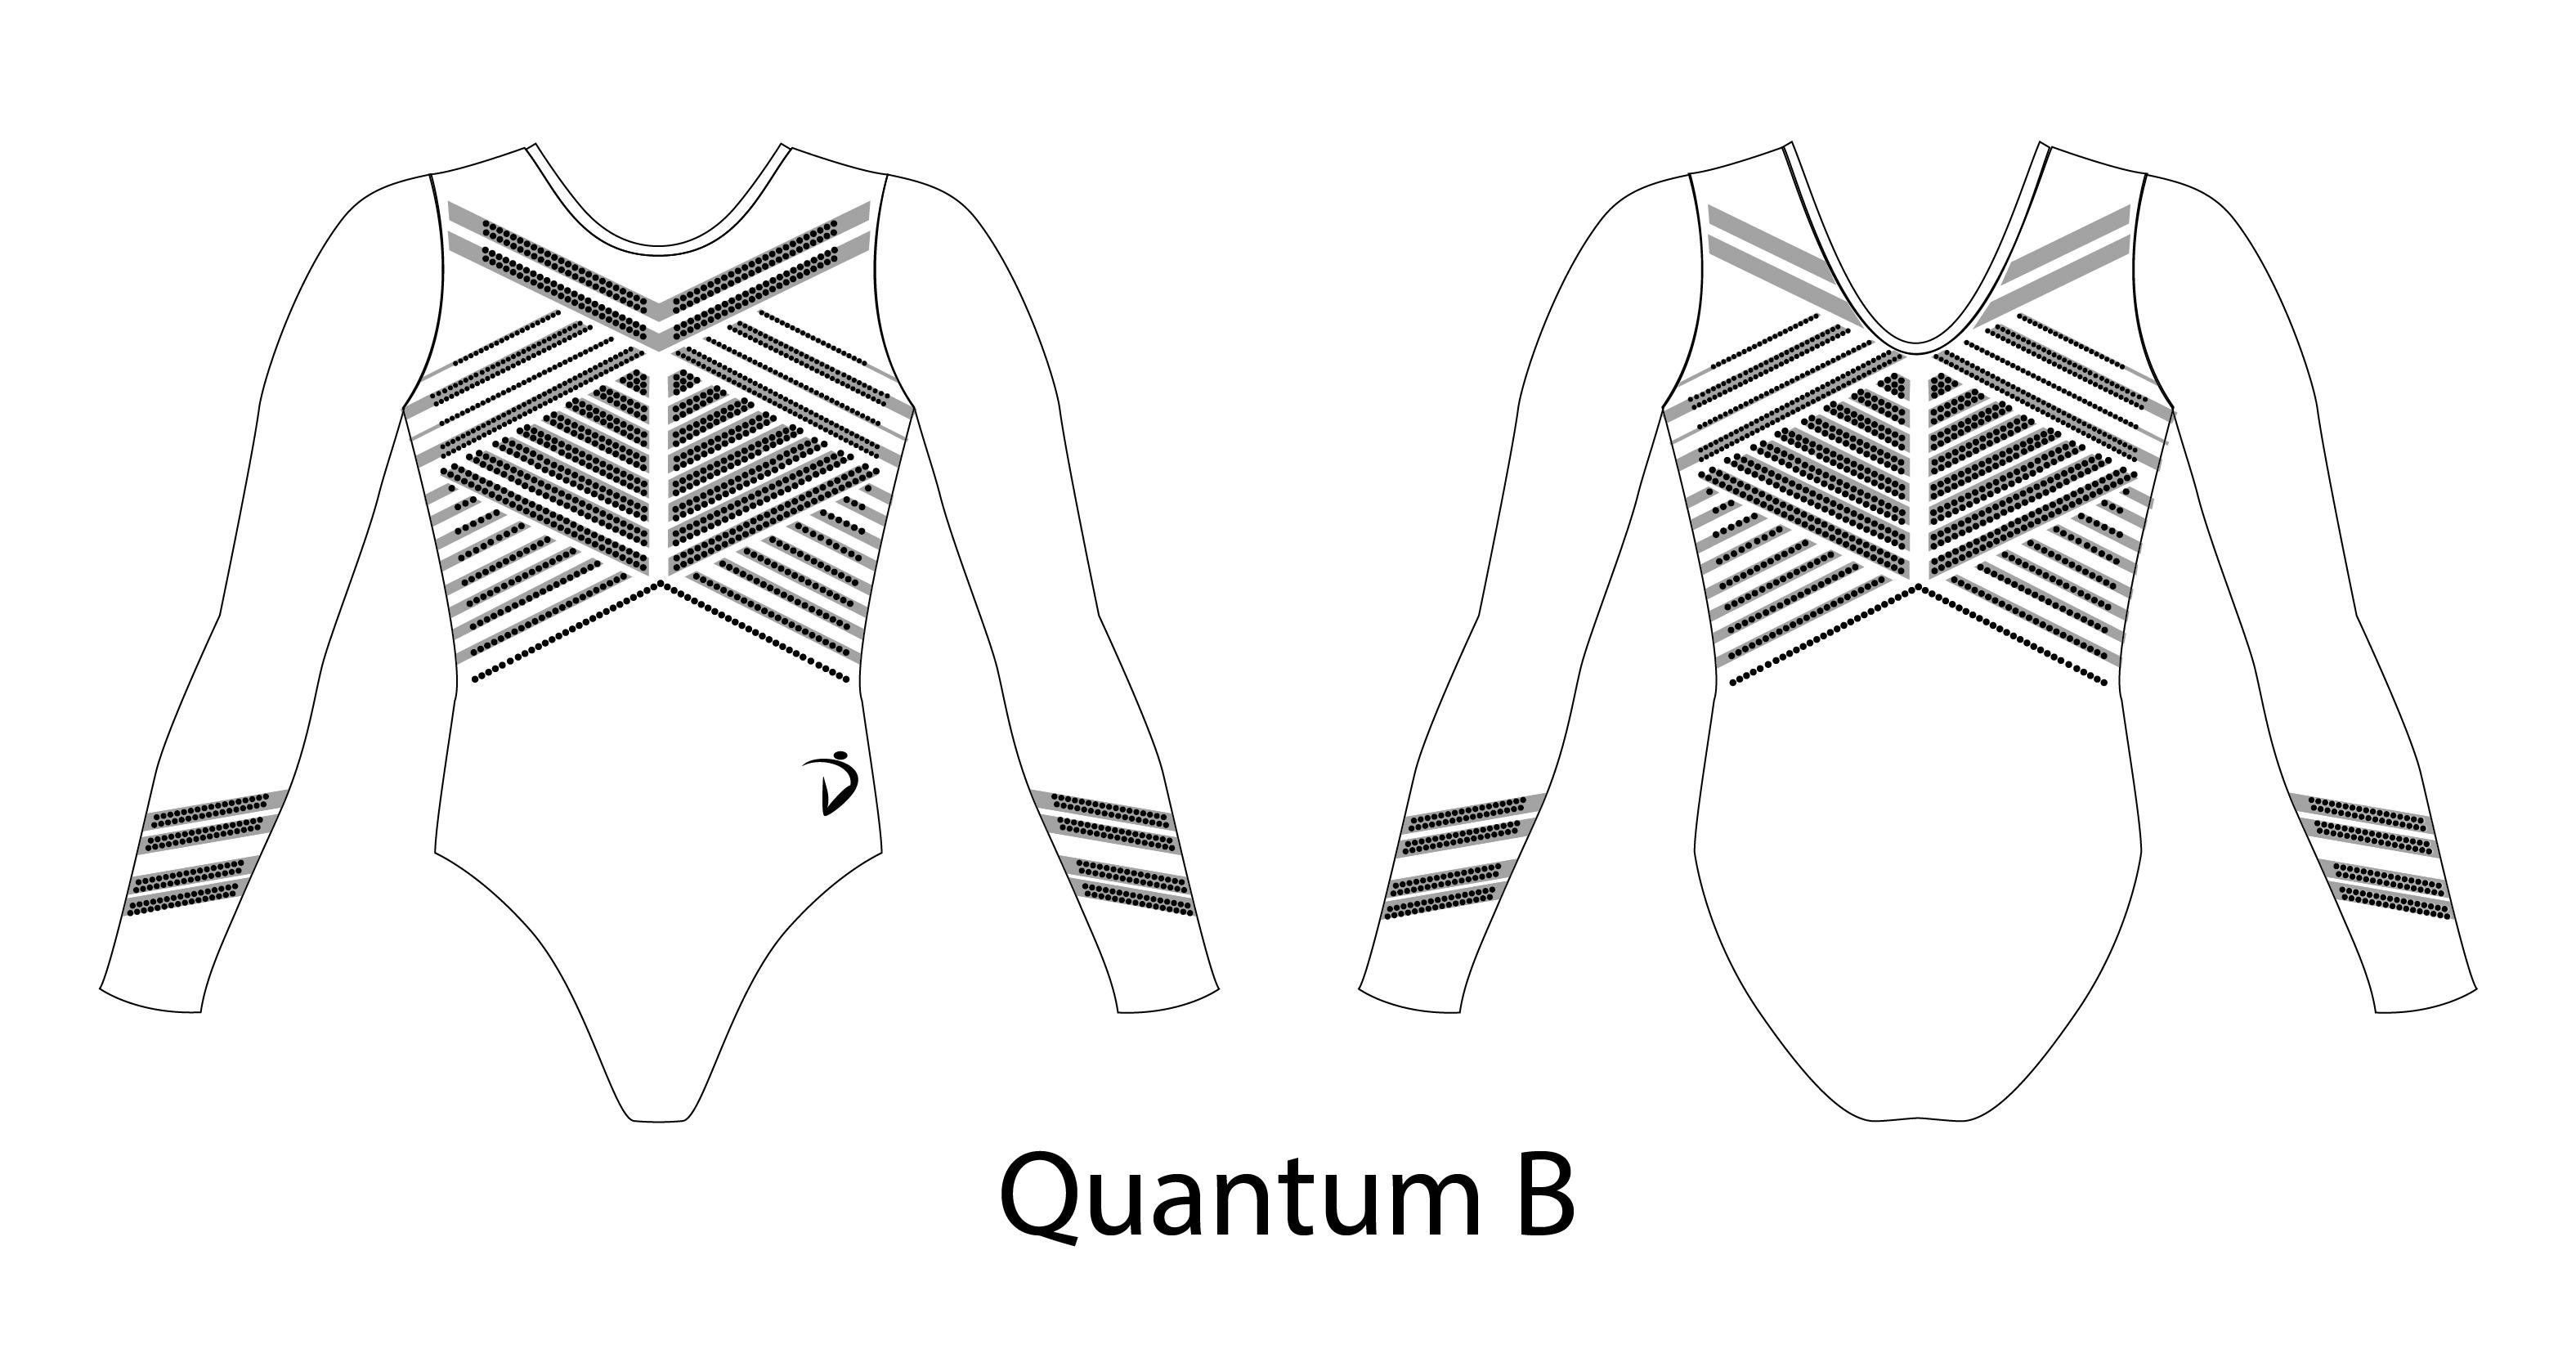 Quantum B